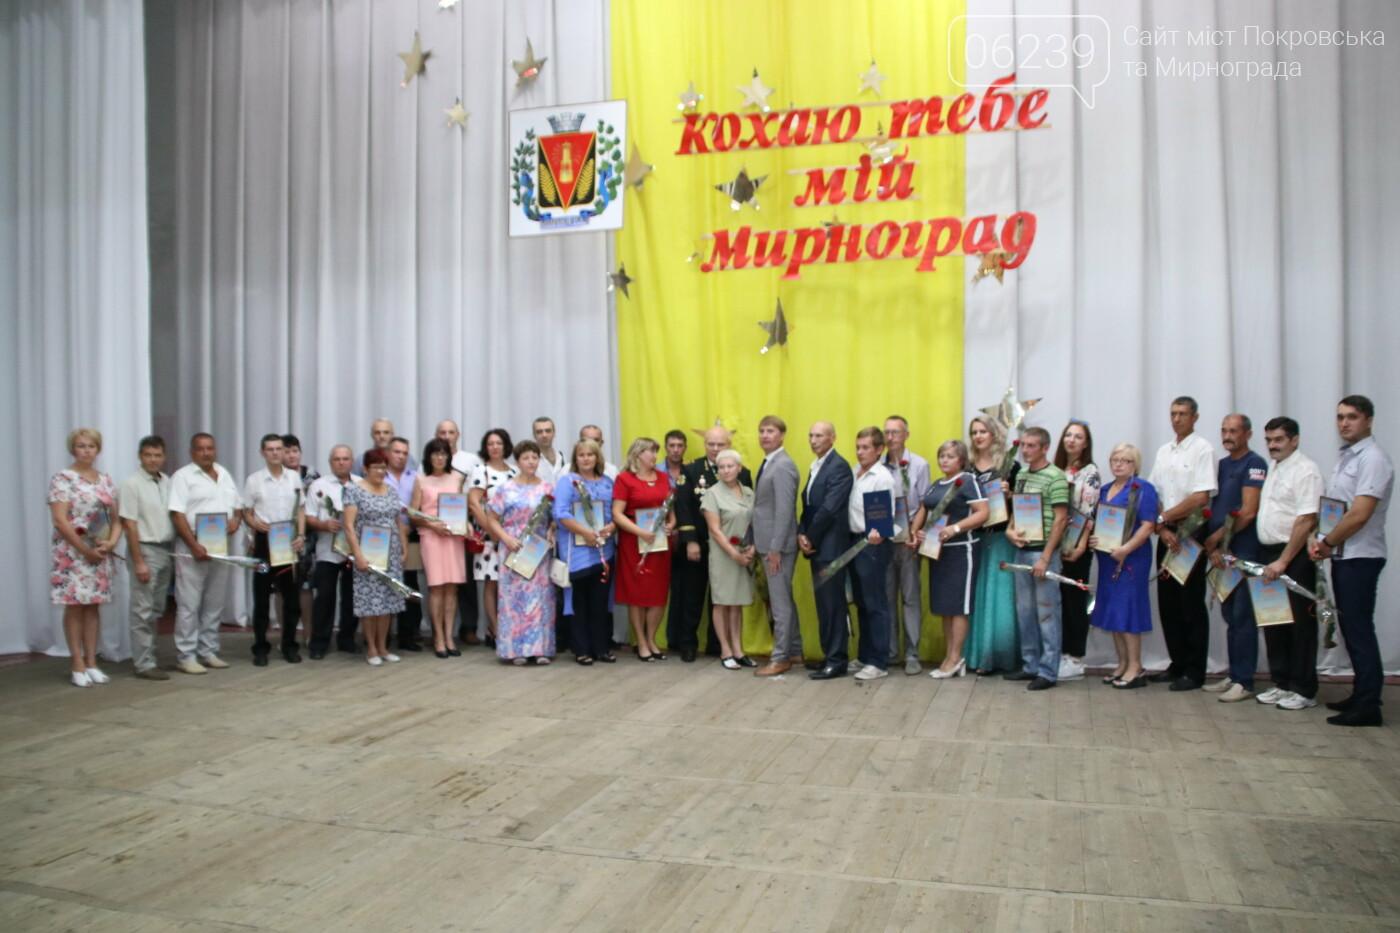 Жителей Мирнограда поздравили с Днем шахтера и Днем города, фото-7